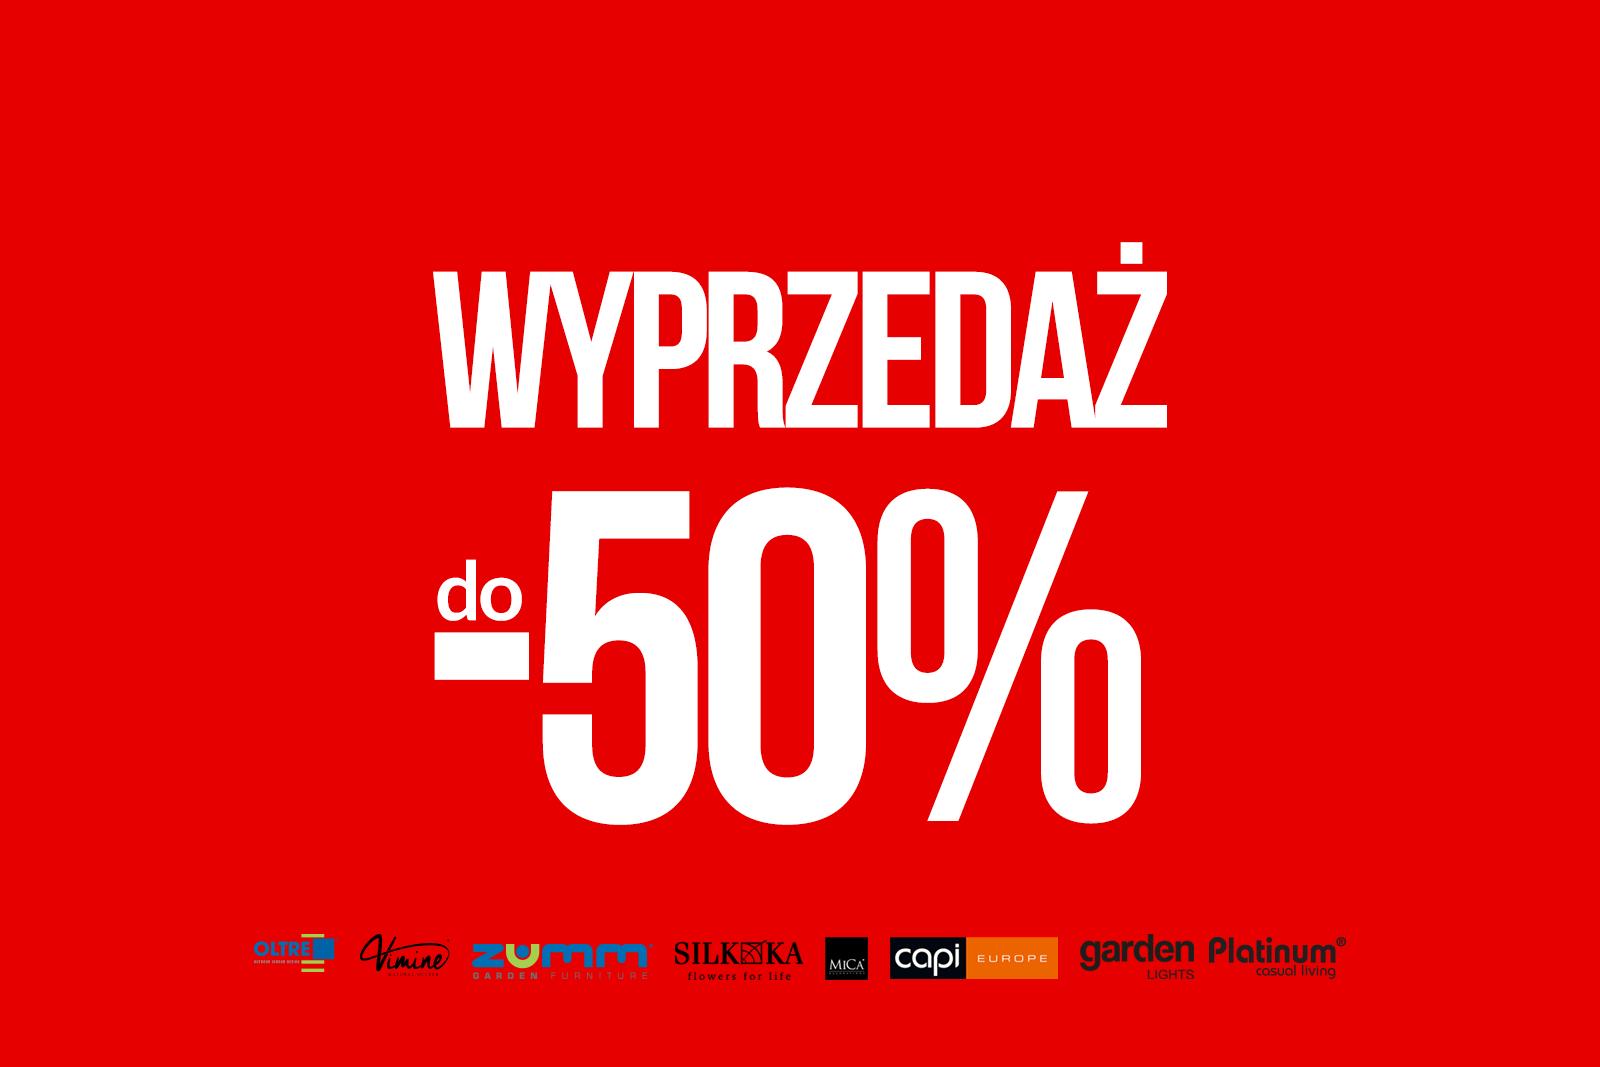 ✂️ Wielka Wyprzedaż 2017 do -50%!